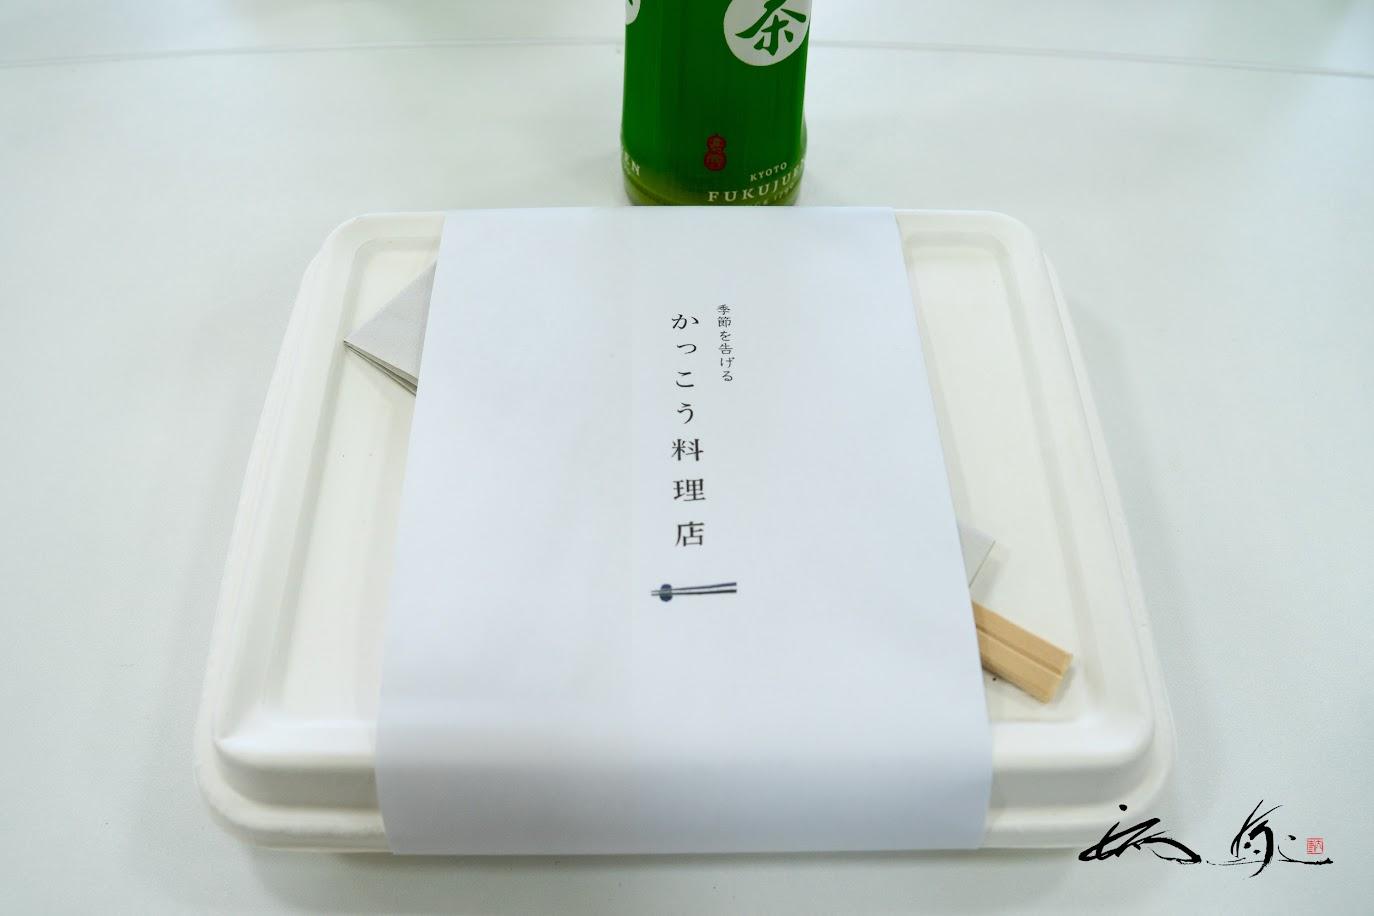 和食料理店「かっこう料理店」の特製弁当